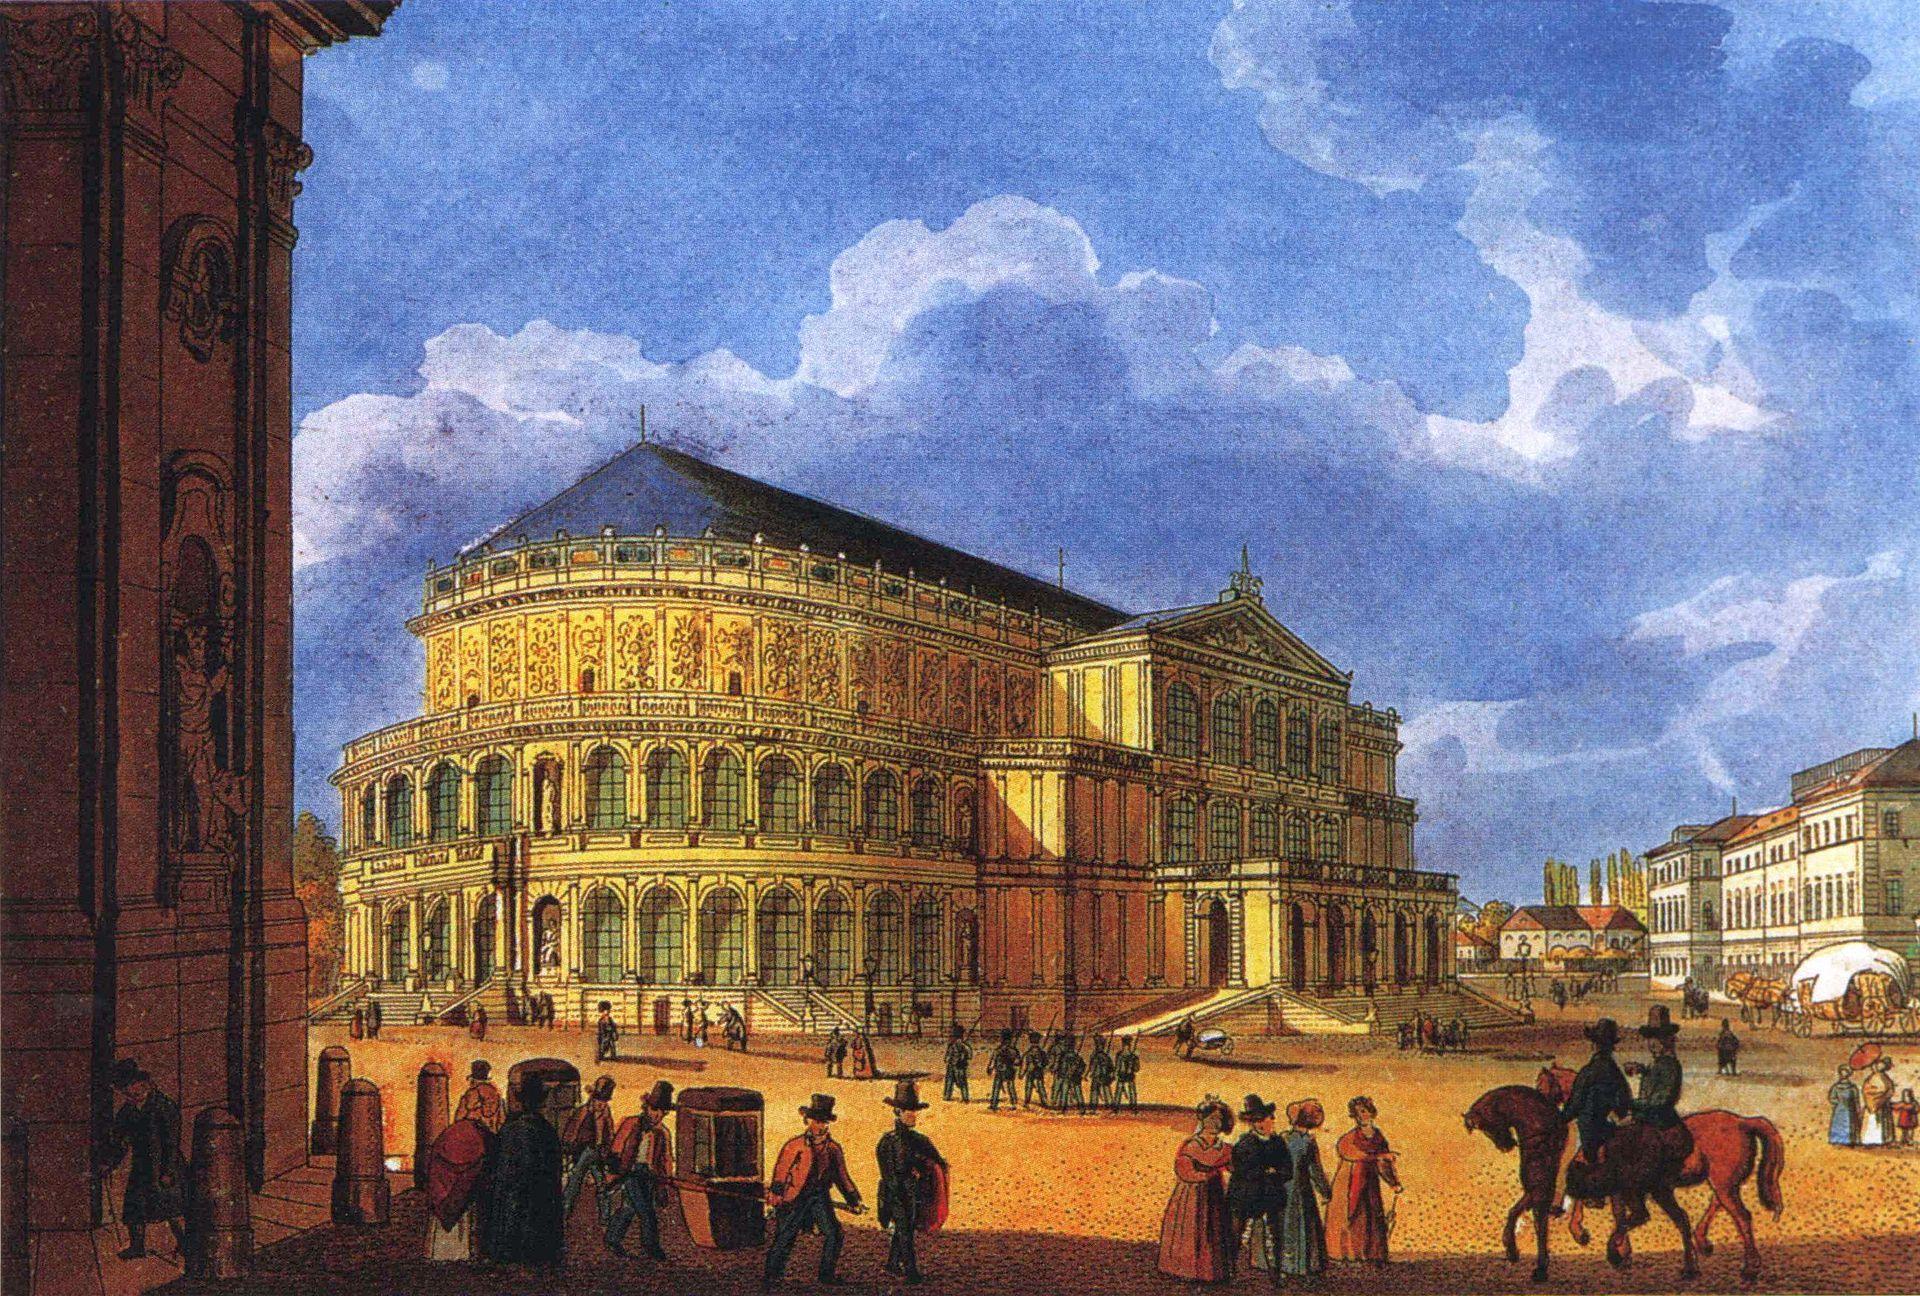 Die Erste Semperoper Semper Oper Opernhaus Semperoper Dresden